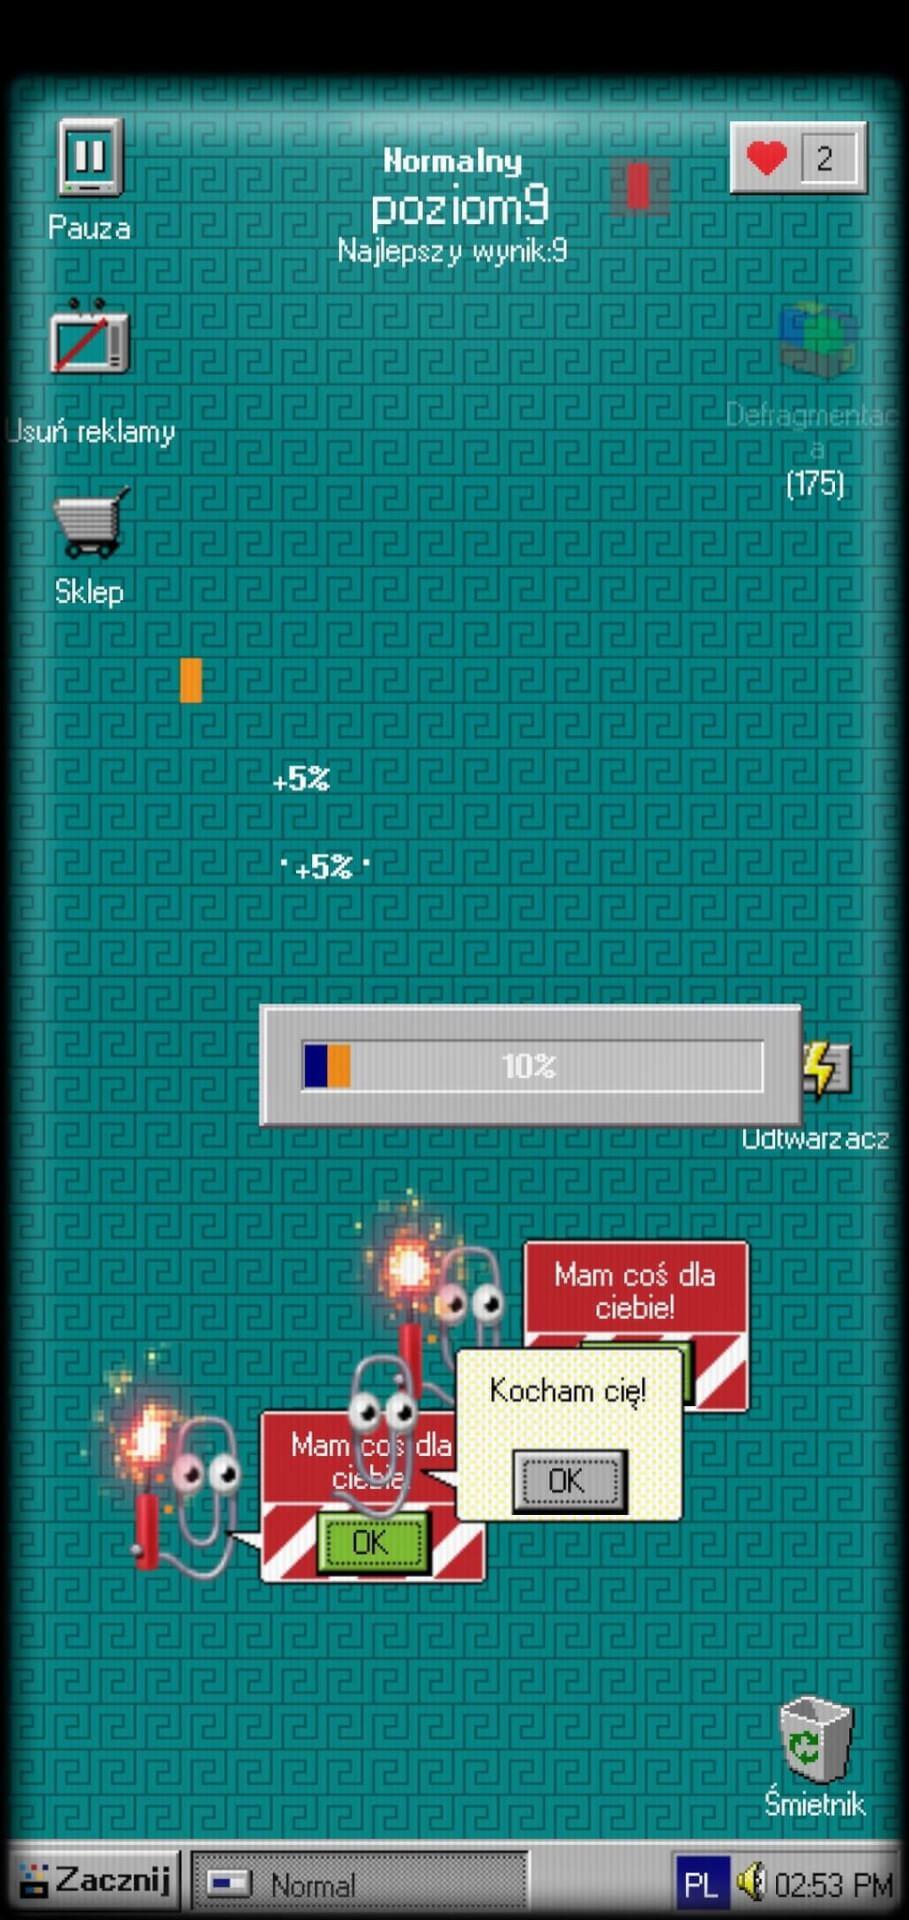 Ekran retro gry dla grafików iprogramistów.